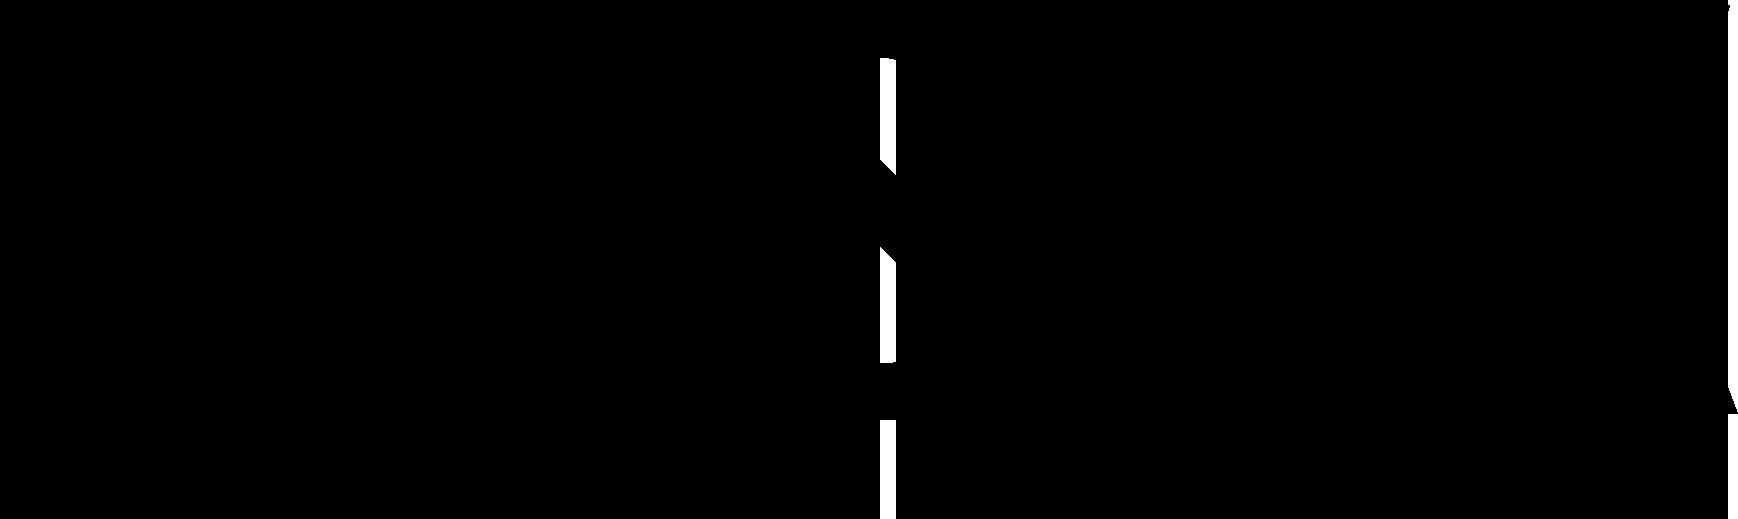 Dopesonix black logo large alt pluginboutique